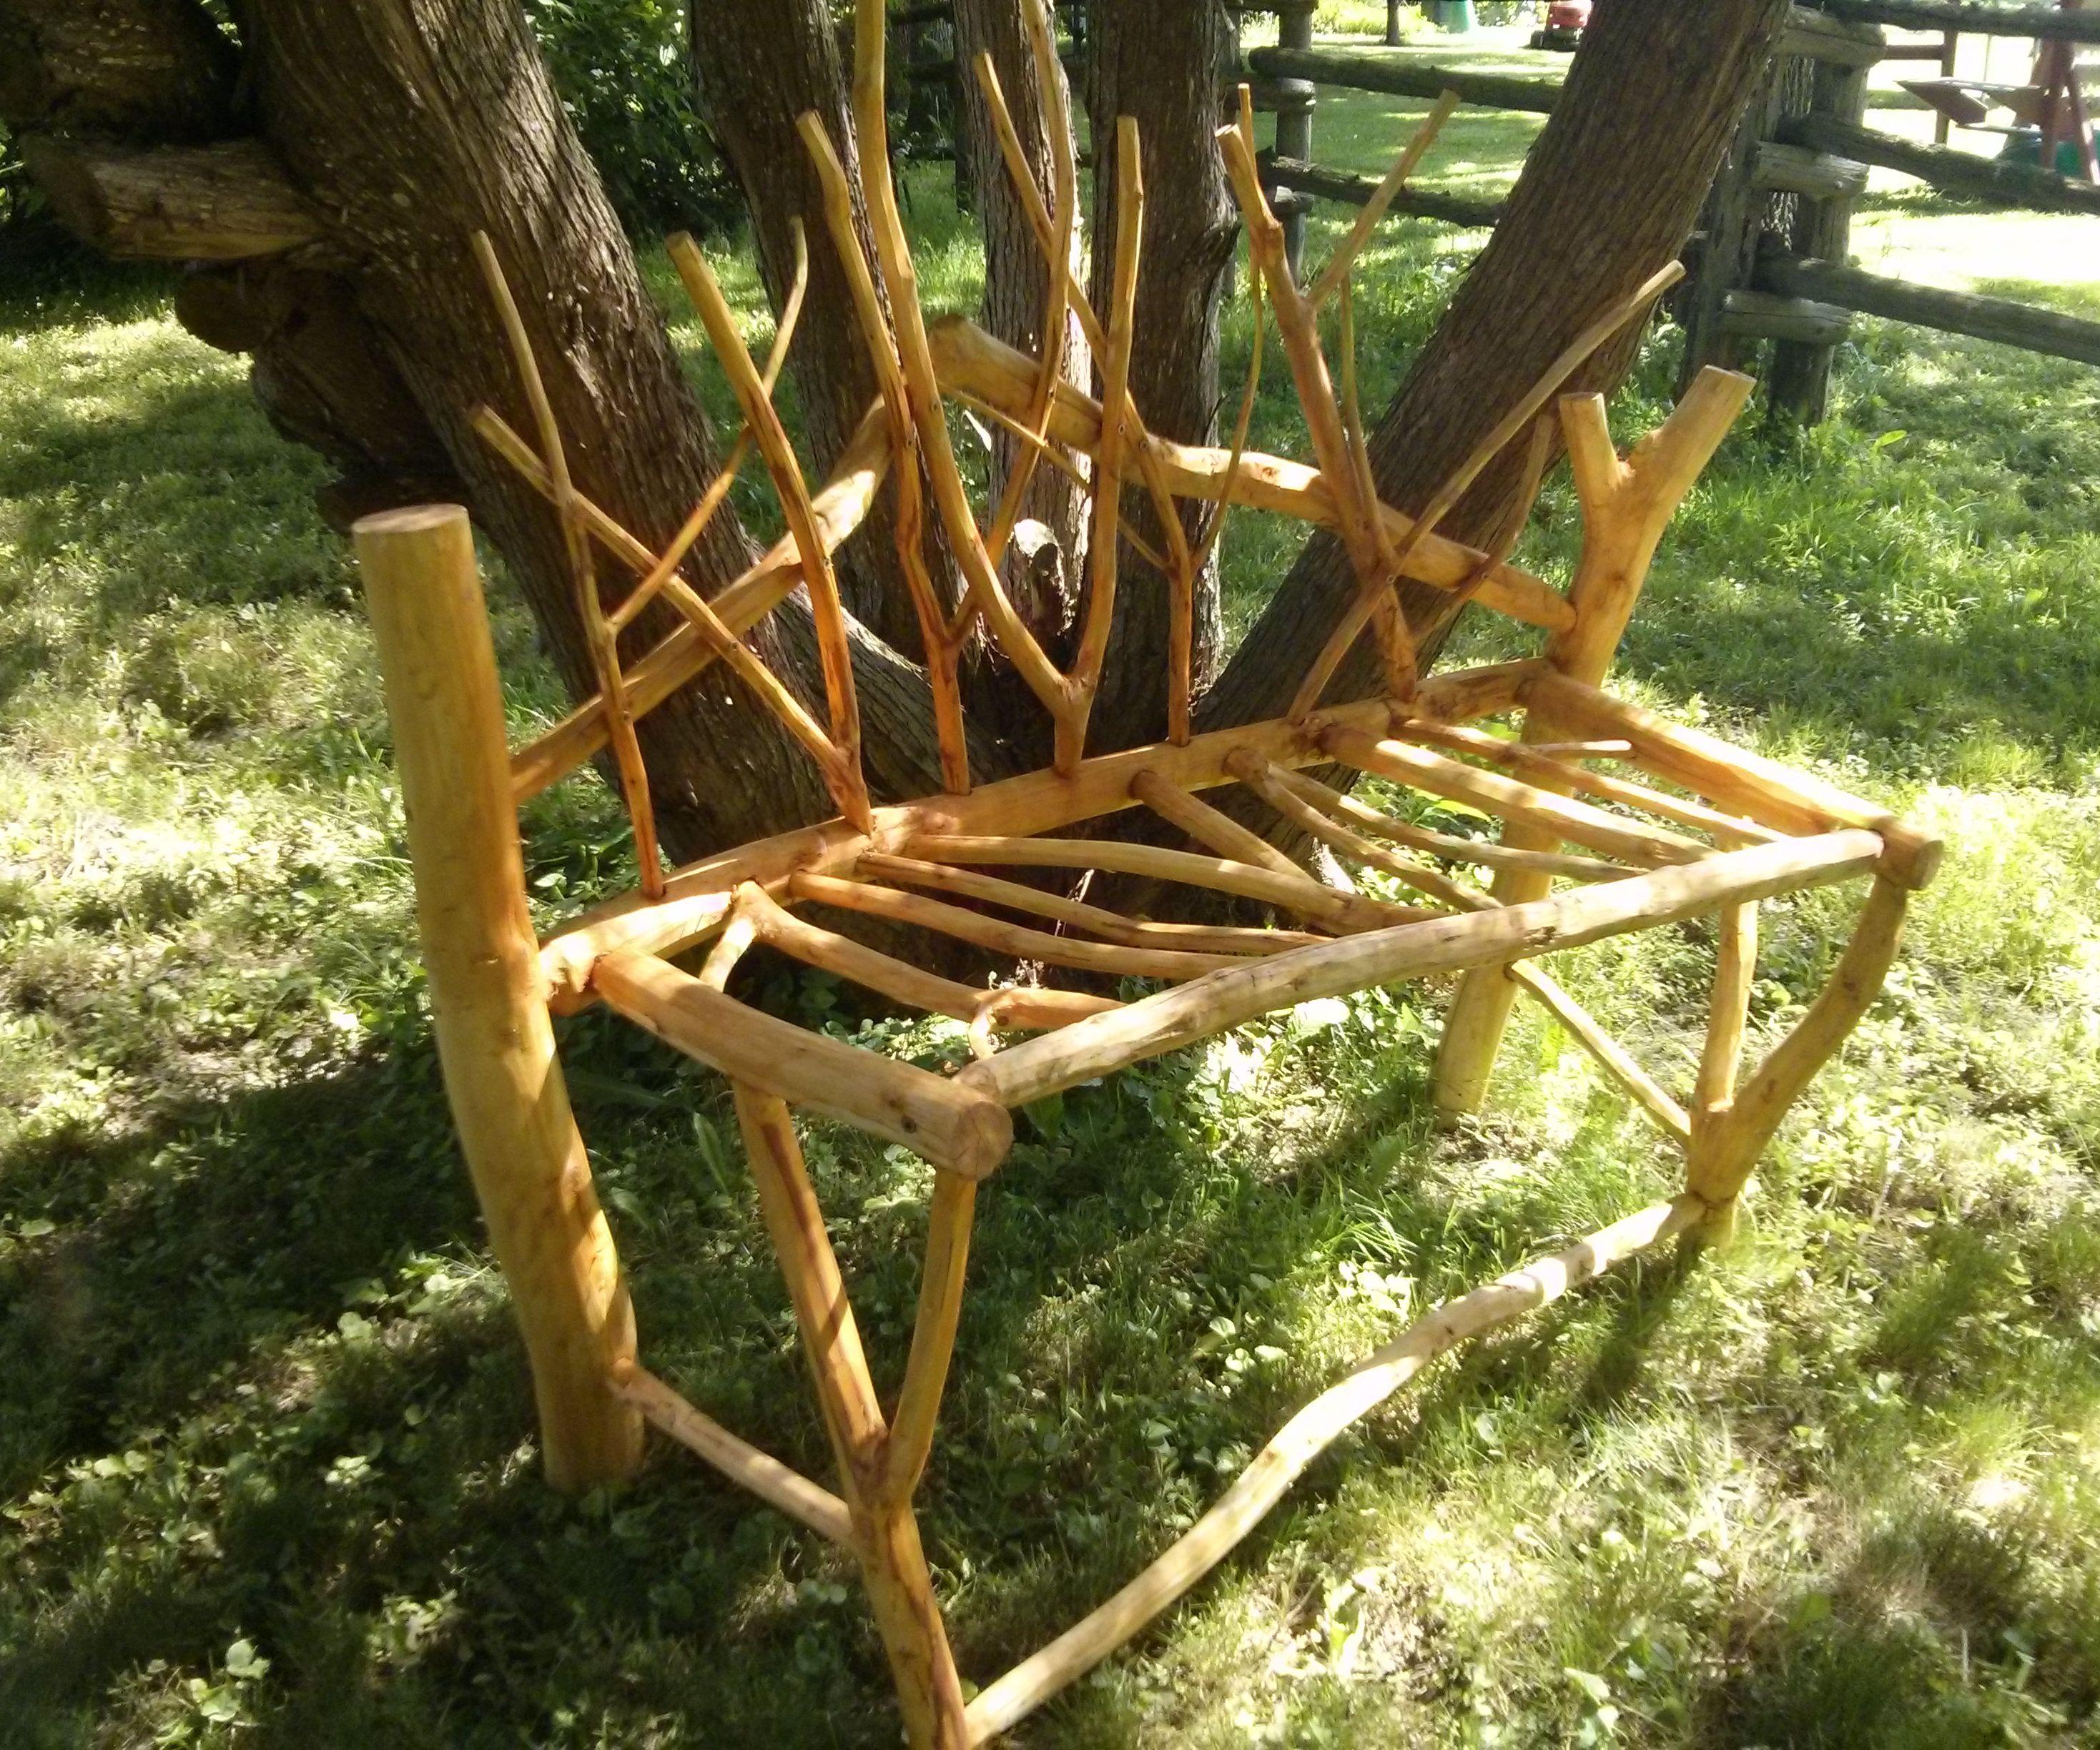 Decorative Garden Bench Made From Fallen Tree Limbs